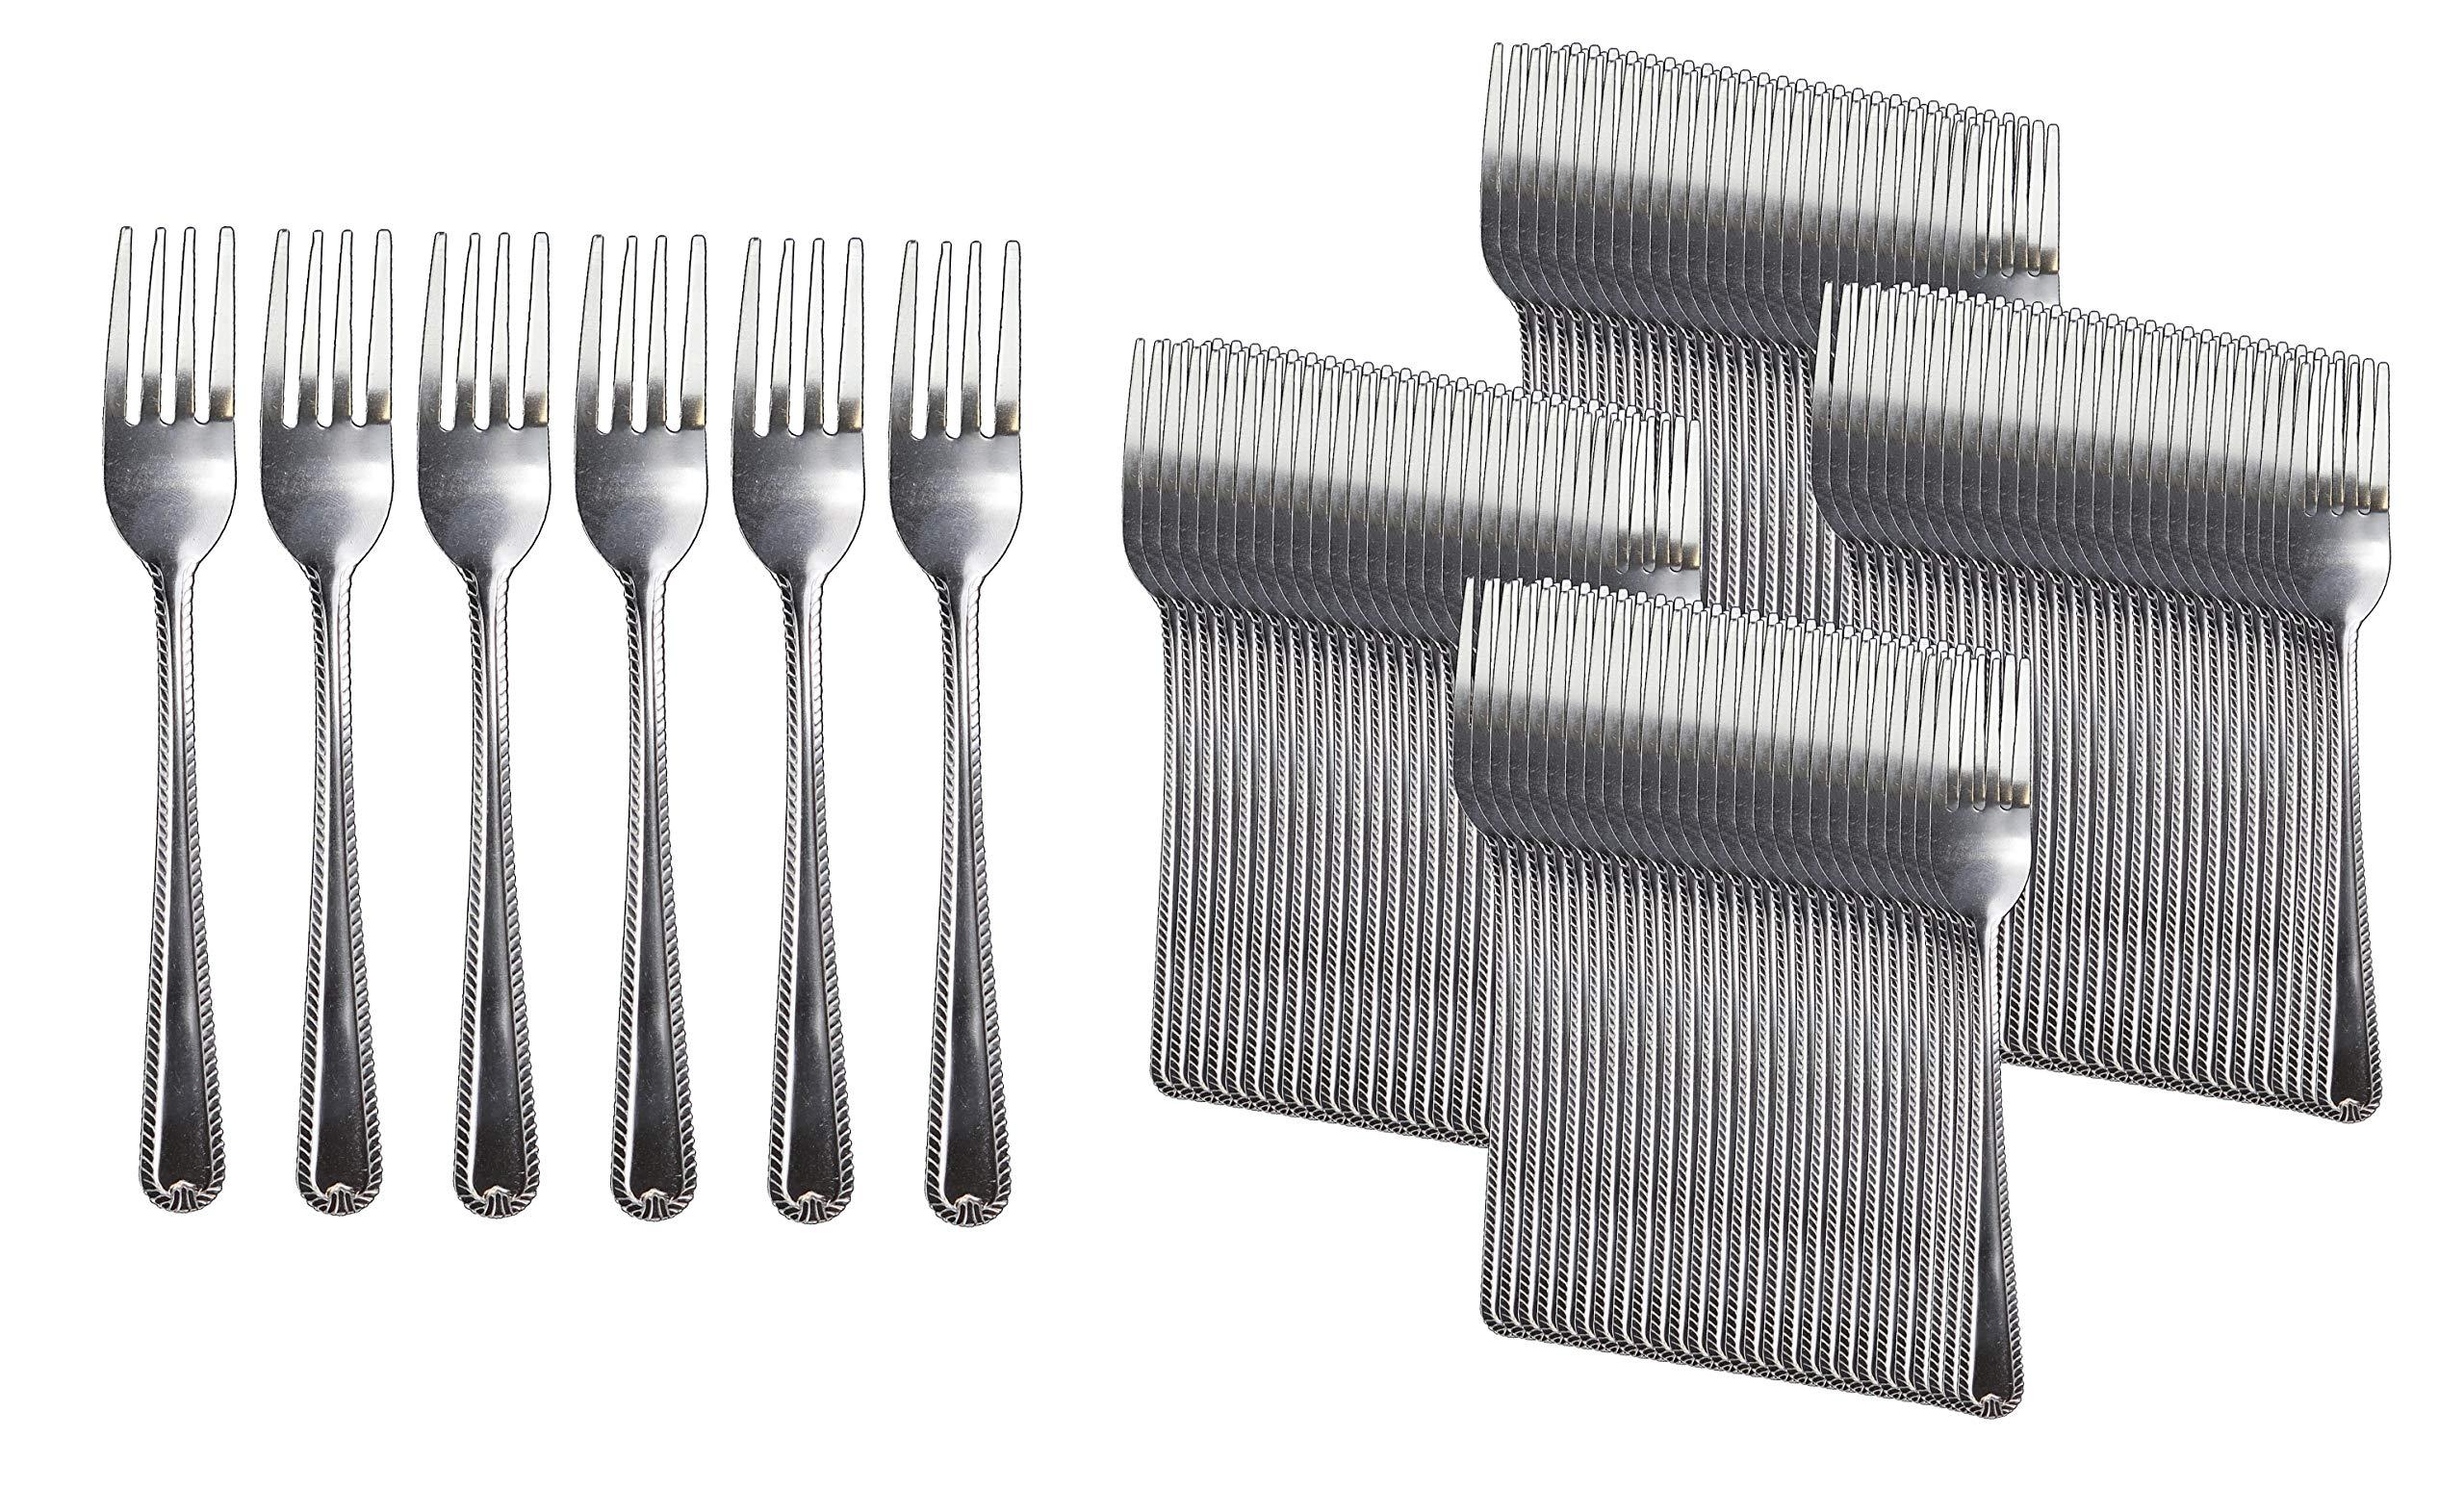 Handi-Ware Stainless Steel Cutlery - Multi-Pack Bulk - Tumble Finish - Commercial Use (120, Dinner Fork)